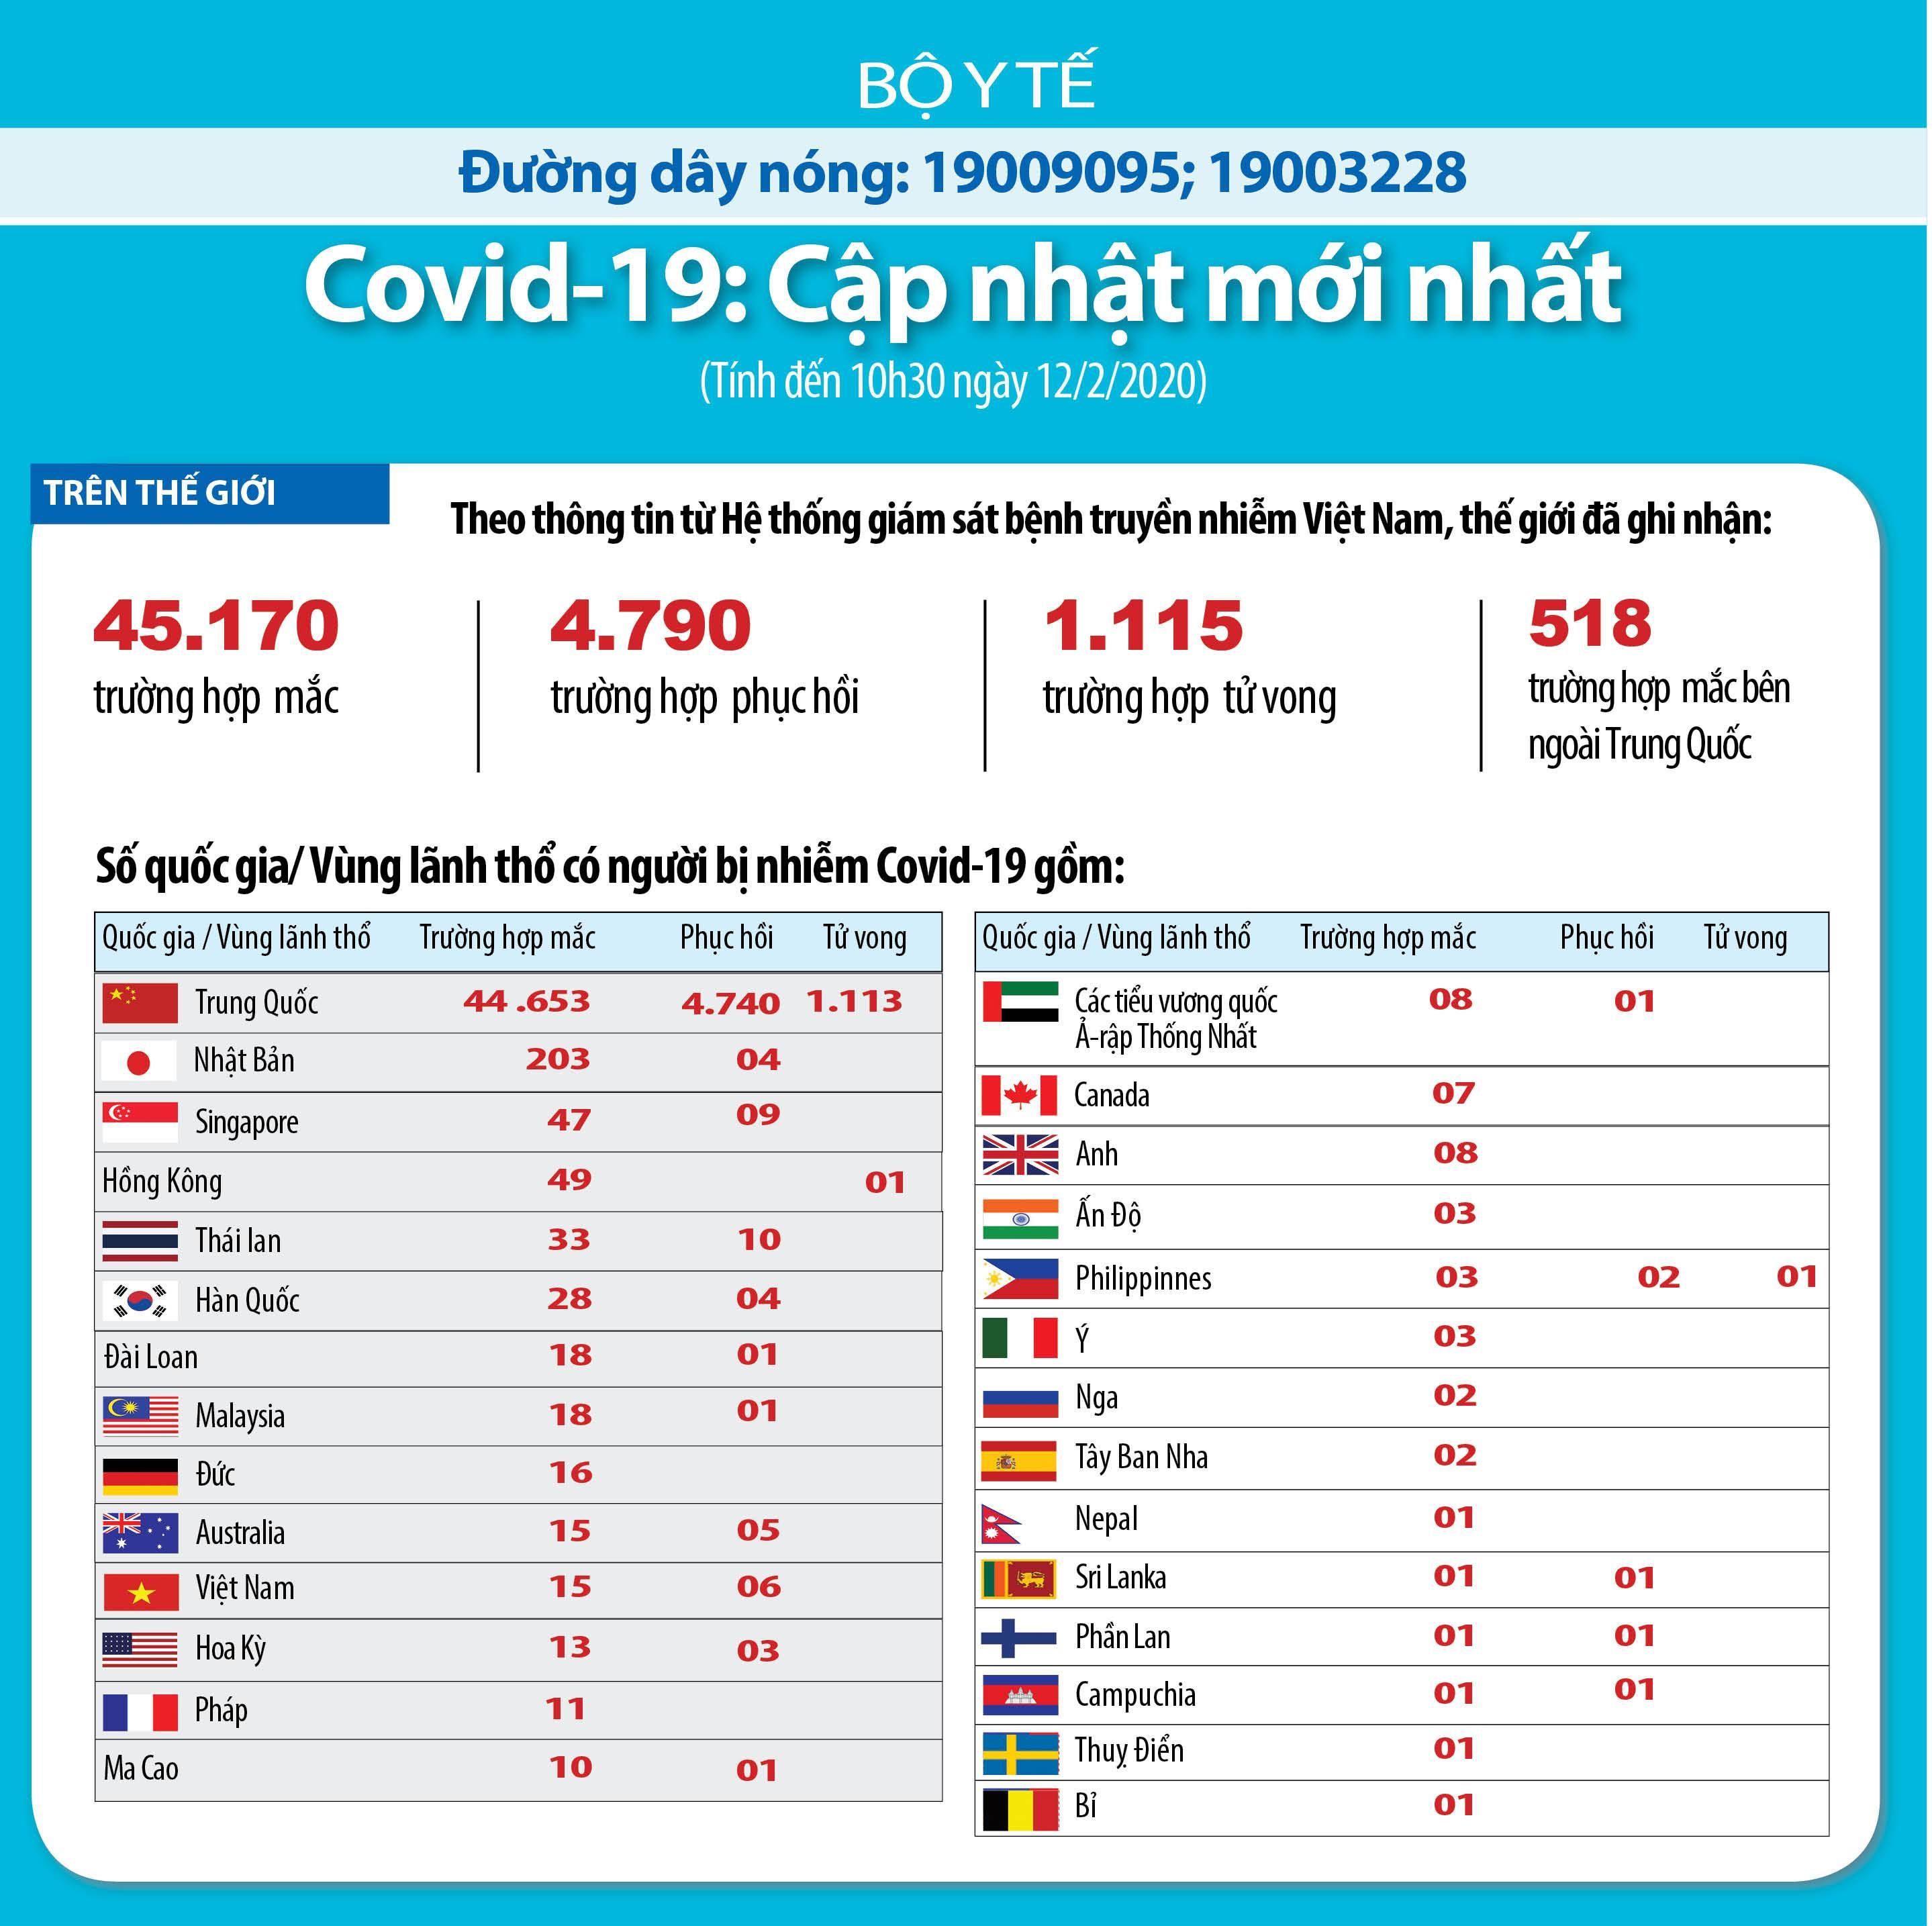 Thế giới có 45.171 trường hợp nhiễm nCoV/Covid-19 Ảnh 1